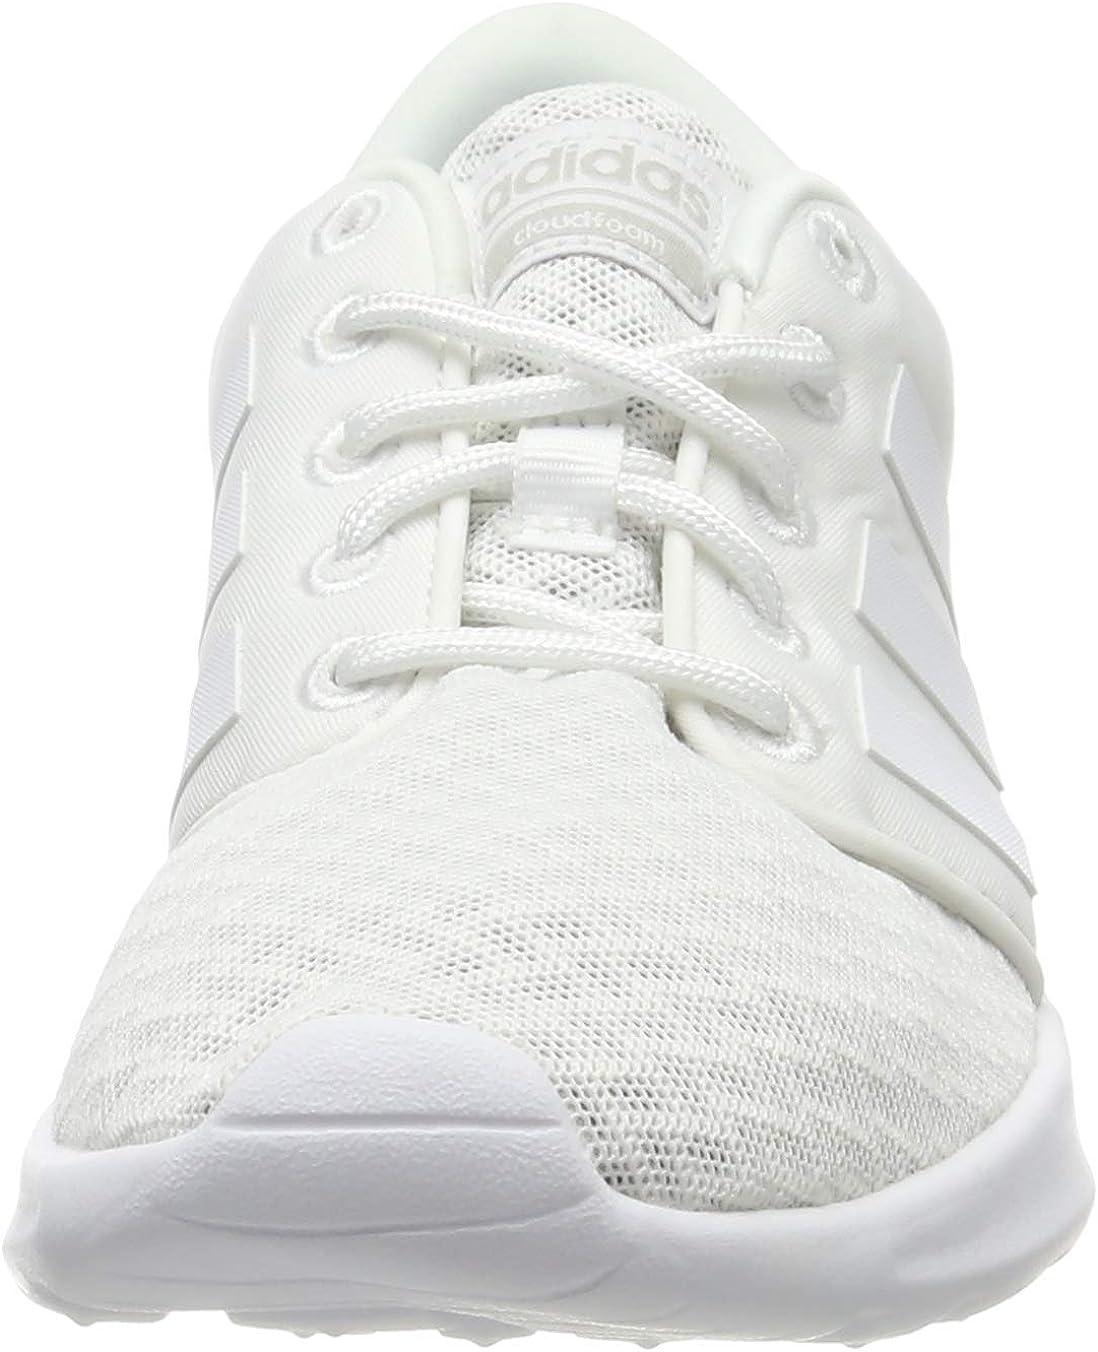 adidas QT Racer Chaussures de Fitness Femme